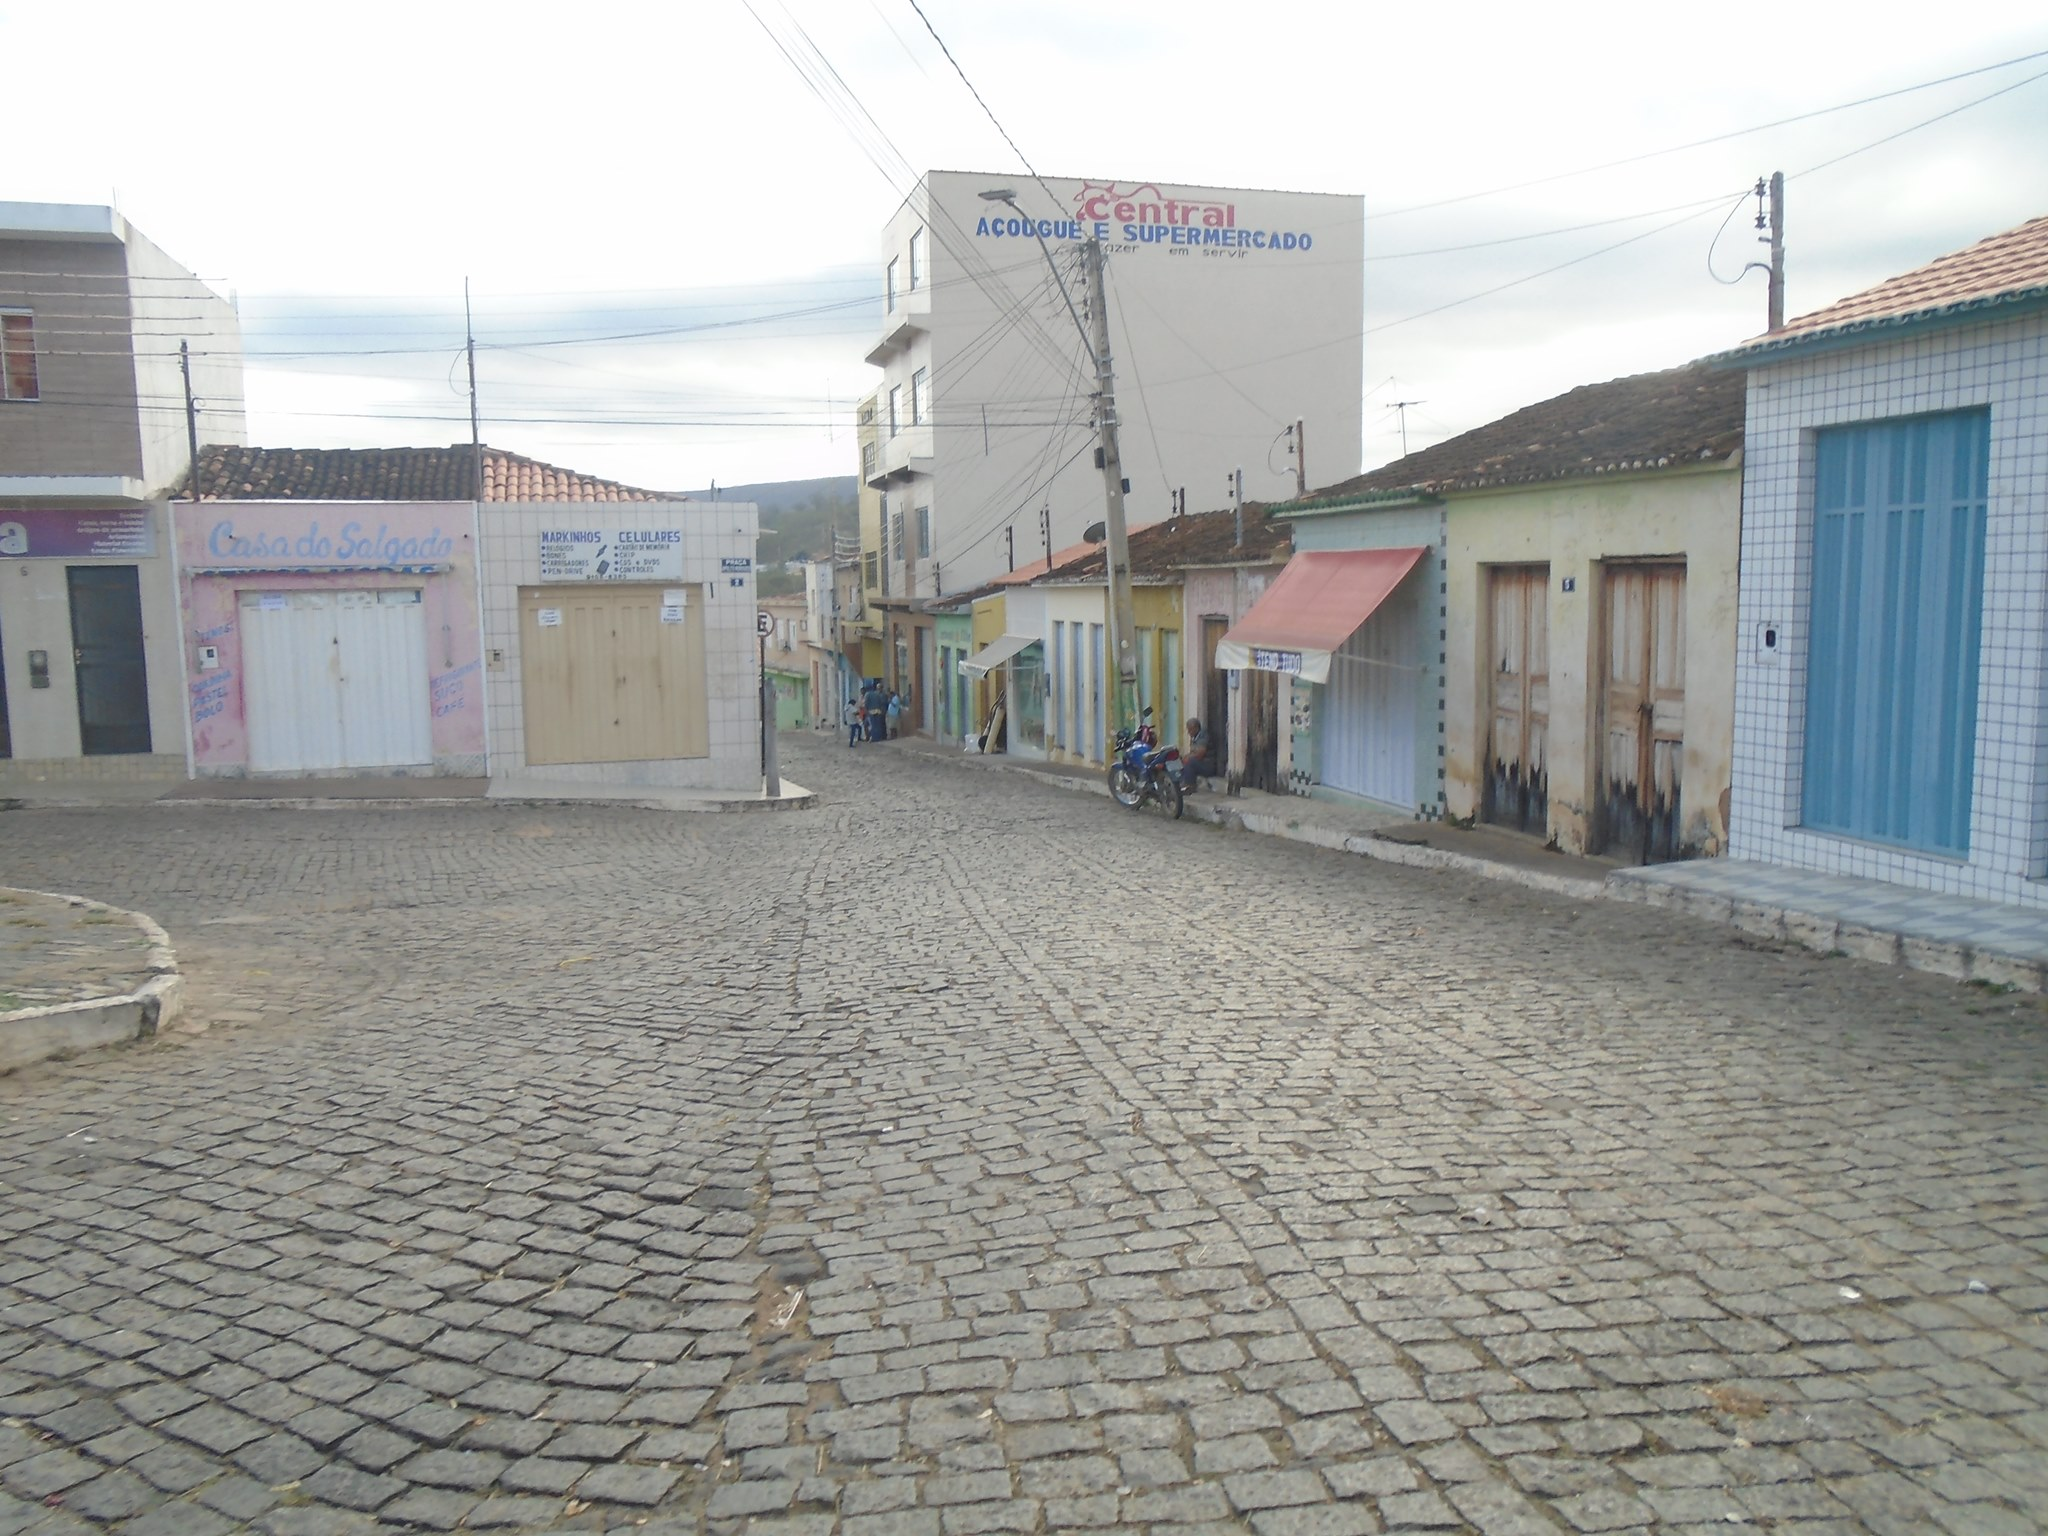 Fotos-uit-de-regio-van-Ibitiara-en-Seabra-aan-de-grote-BR-242-90